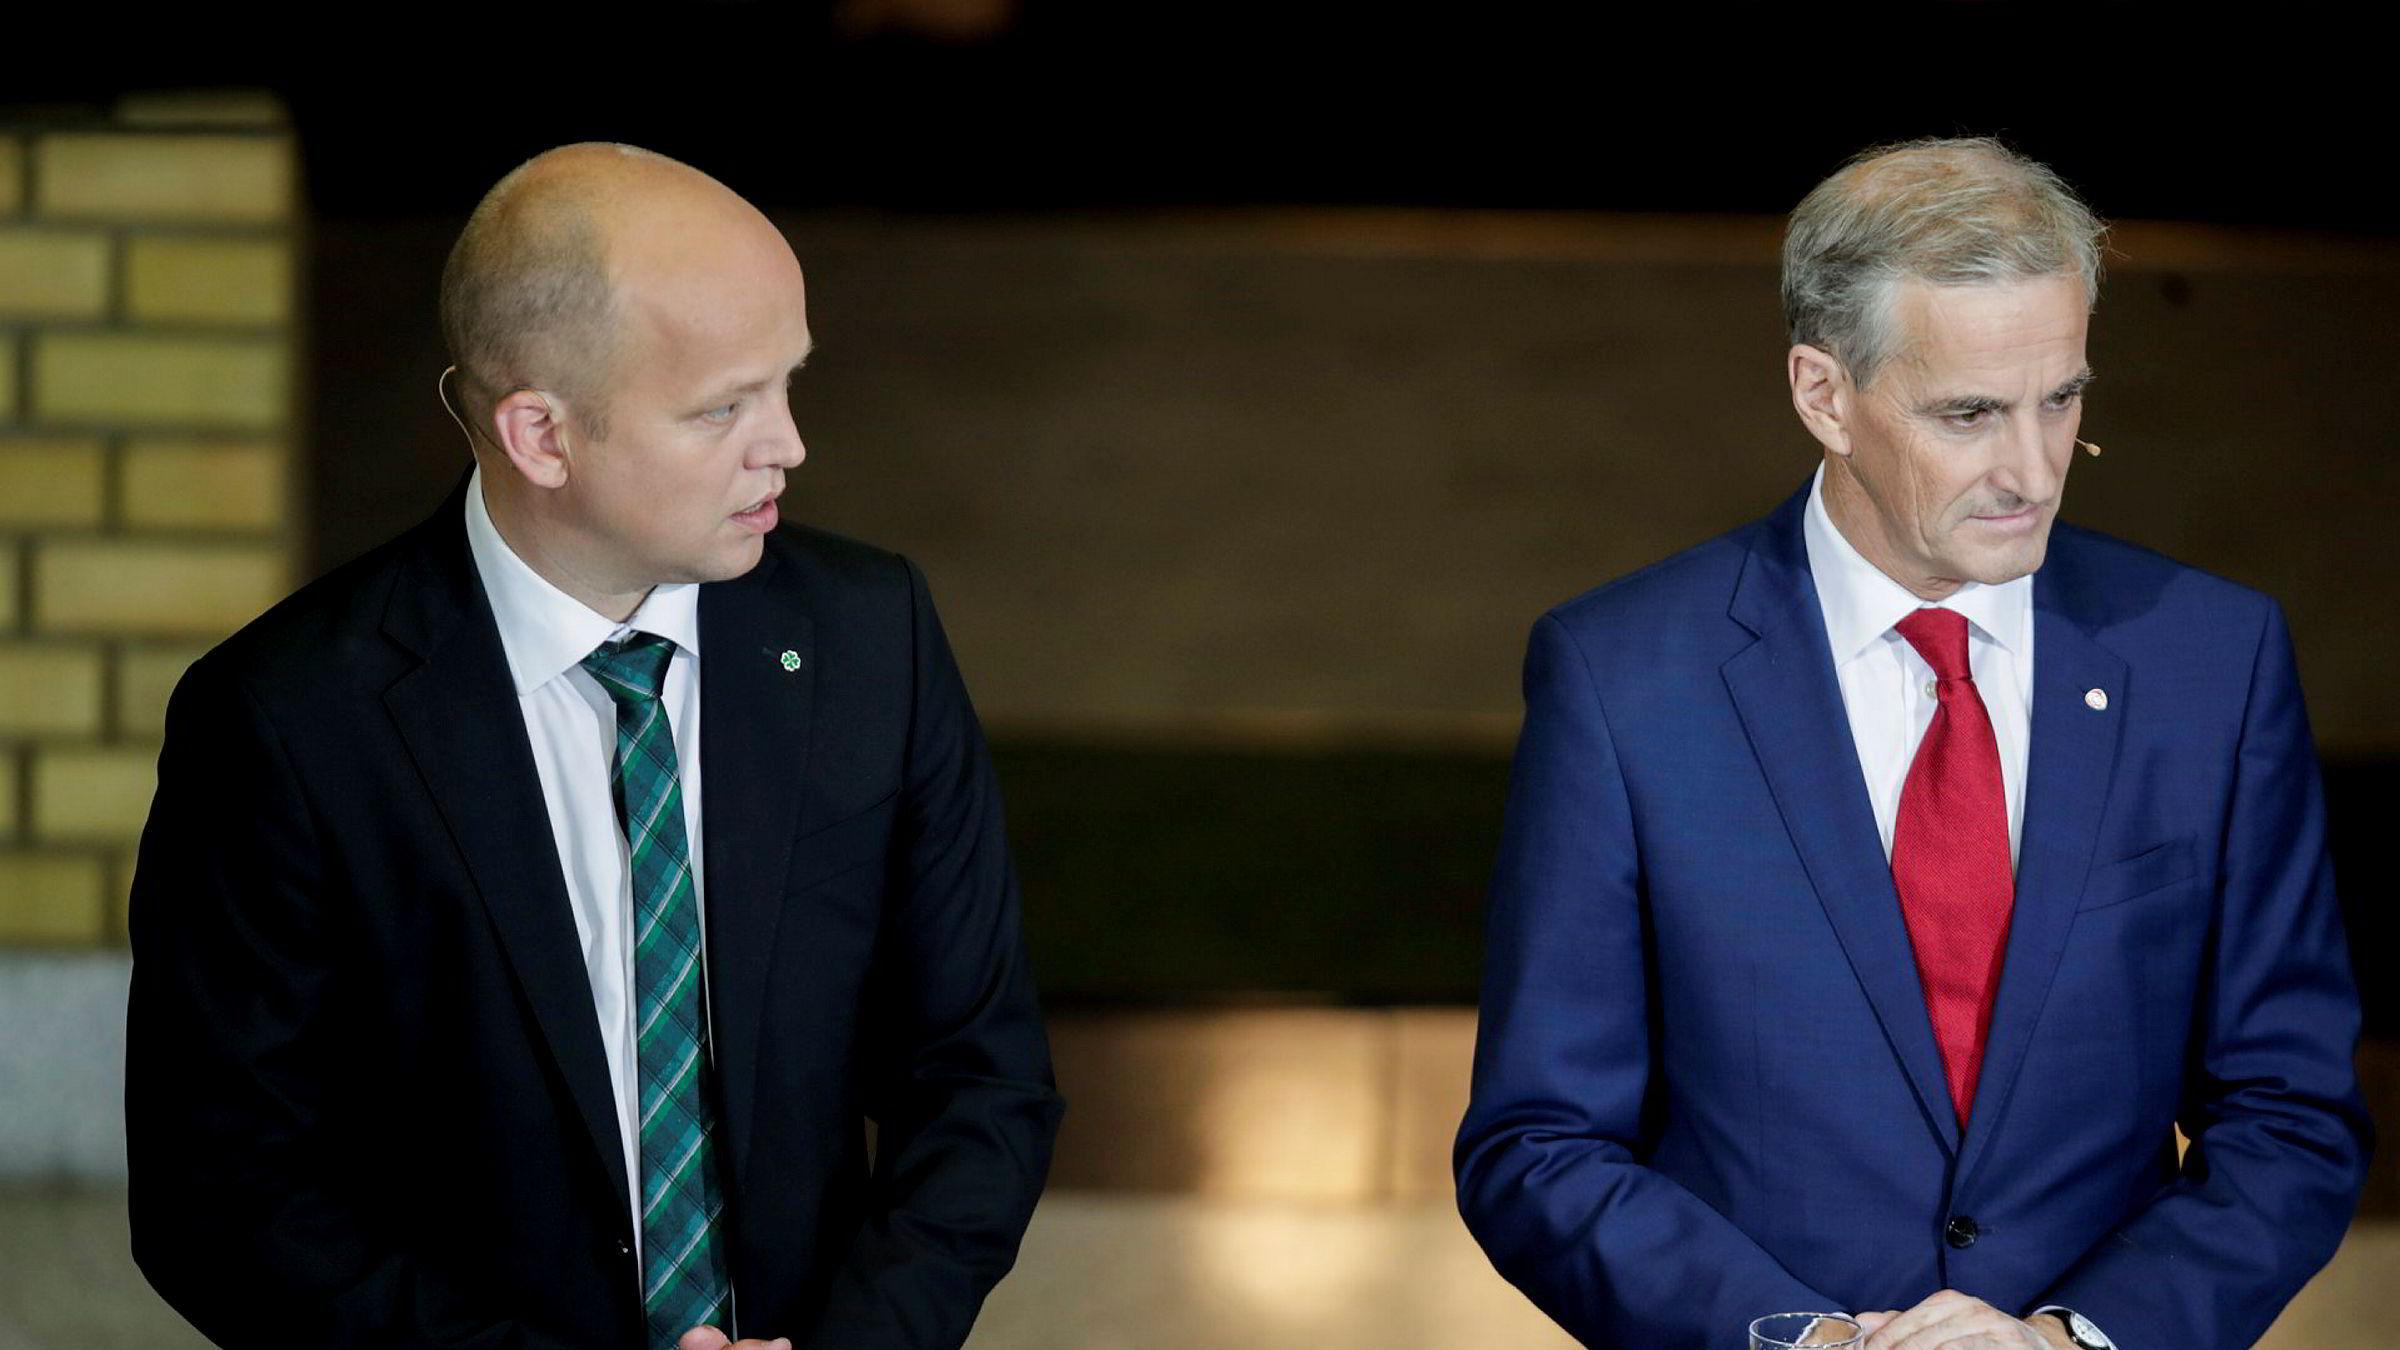 Trygve Slagsvold Vedum leder i Sp og Jonas Gahr Støre leder i Ap på stortinget under partilederdebatten.